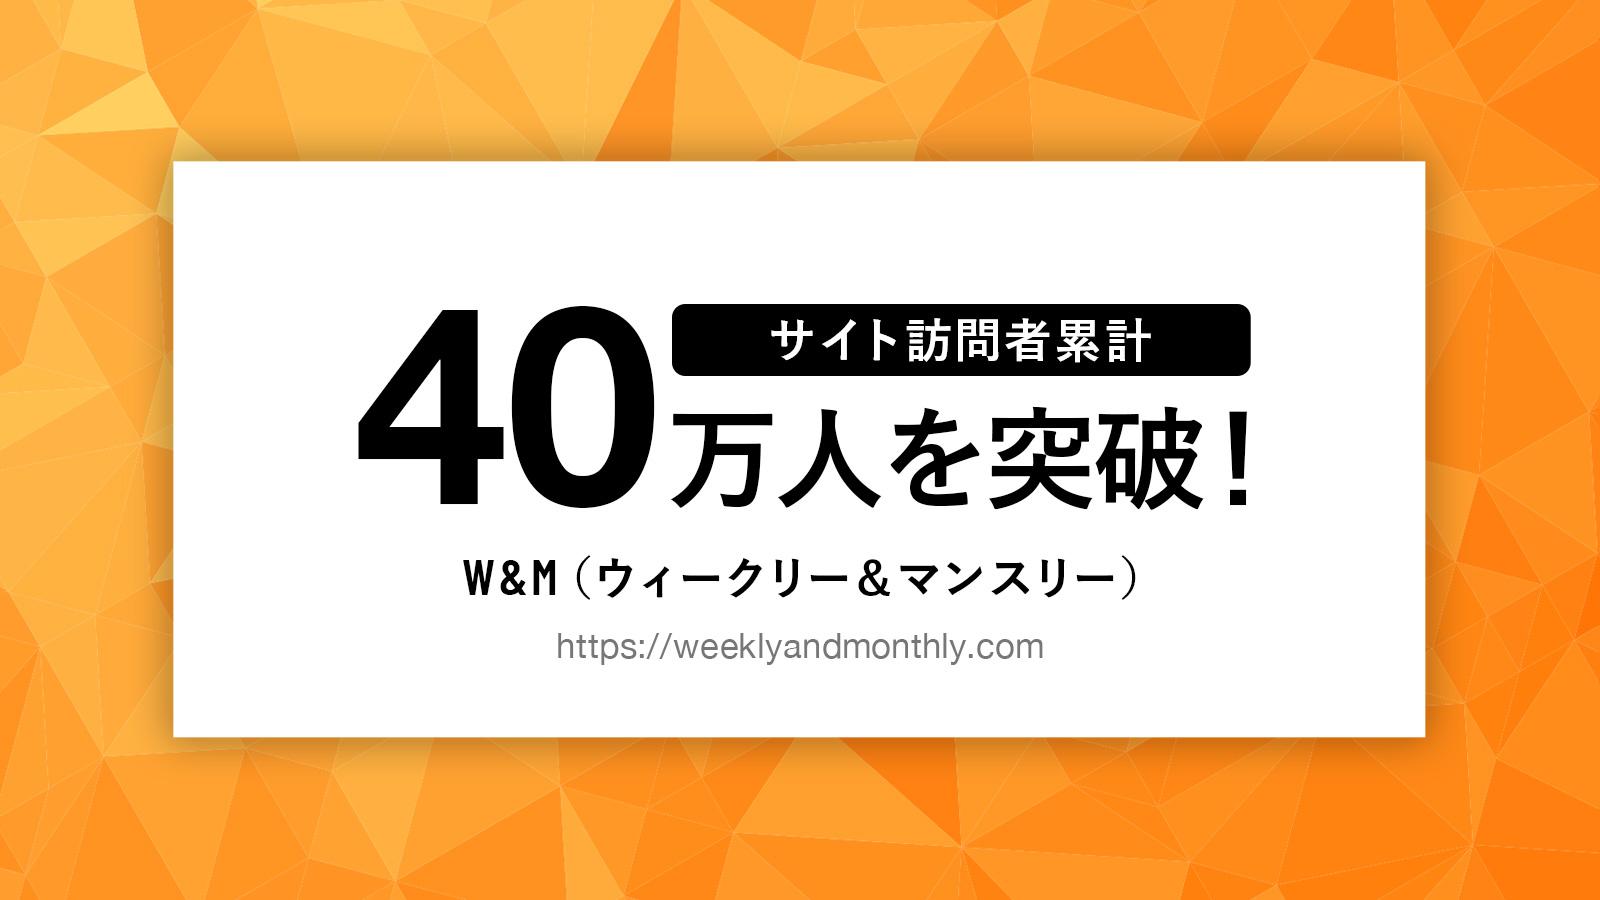 【PR】W&M(ウィークリー &マンスリー) サイト訪問者累計40万人を突破!